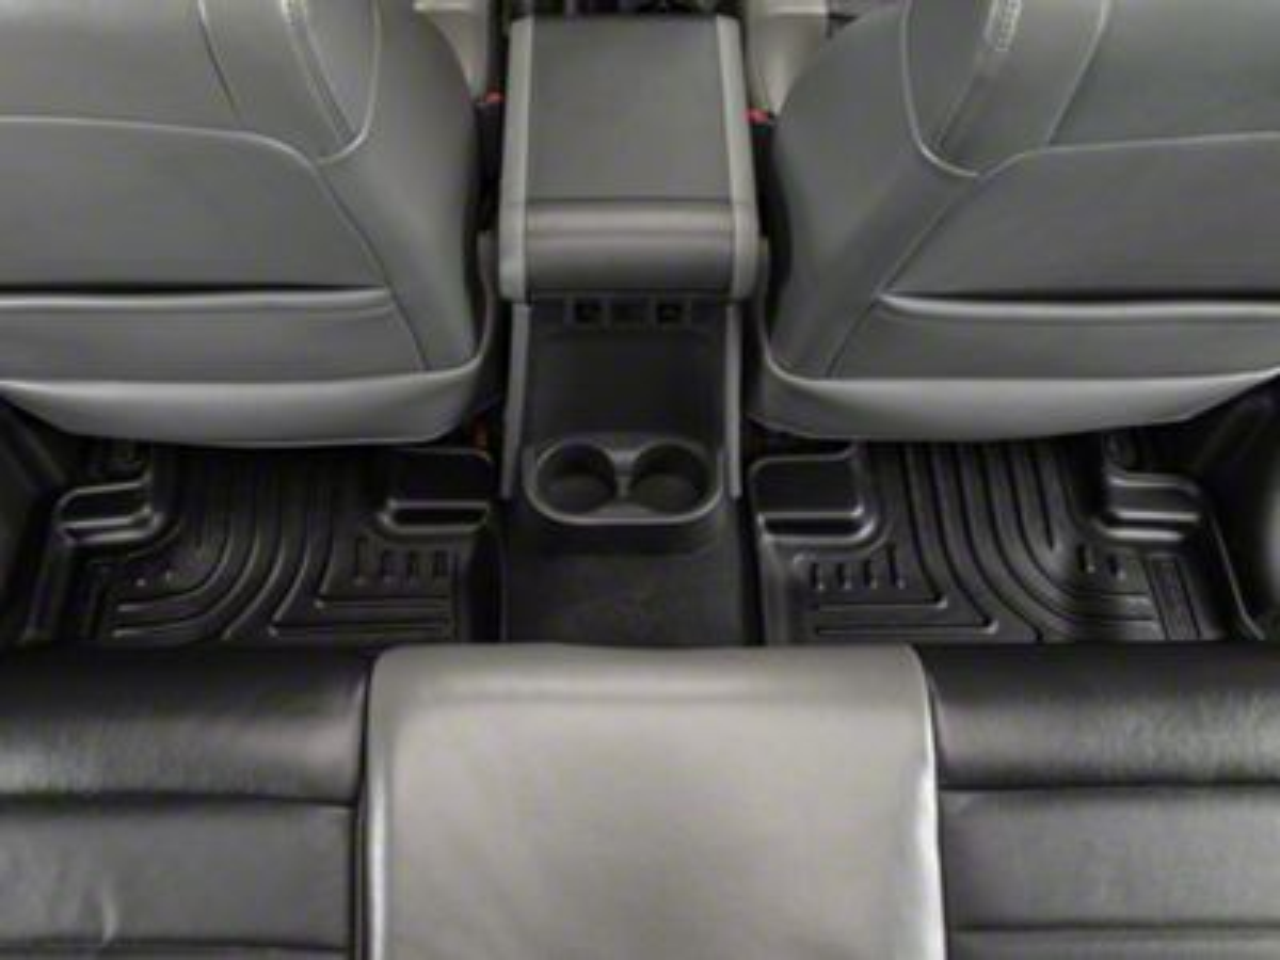 Husky Weatherbeater Rear Floor Liners - Black (11-18 Jeep Wrangler JK 2 Door)